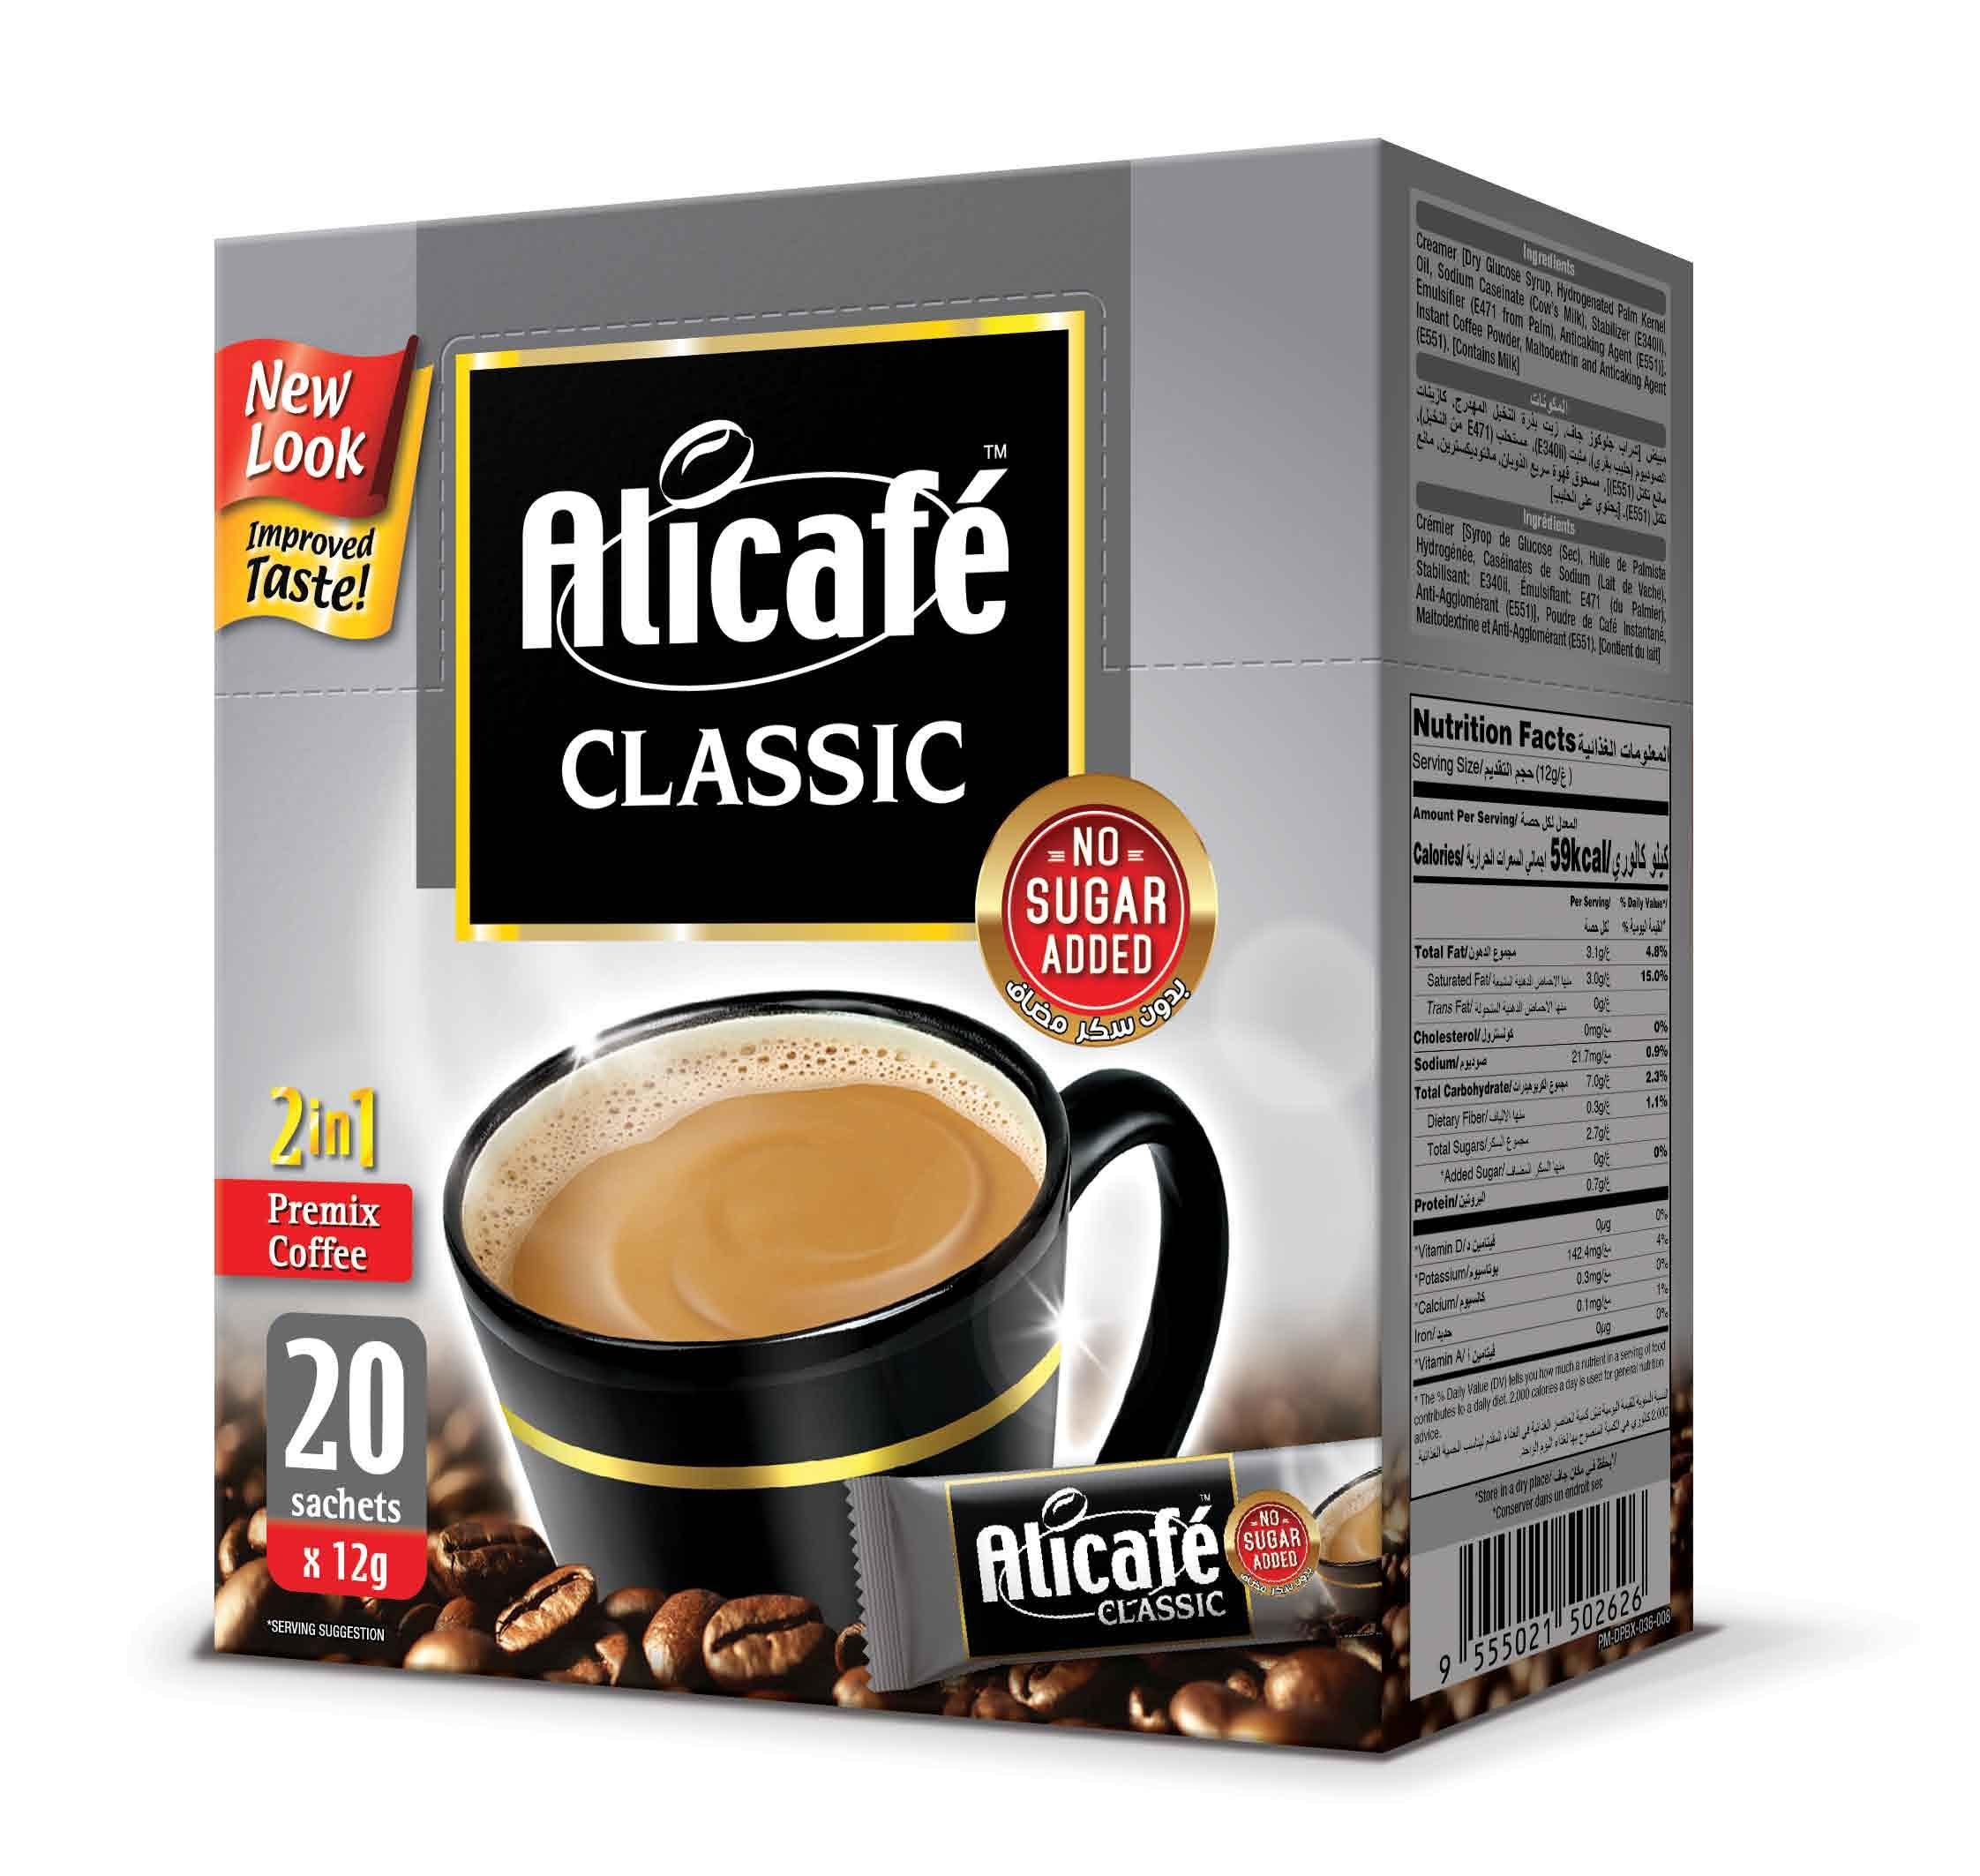 Alicafé Classic 2in1 Sugar Free